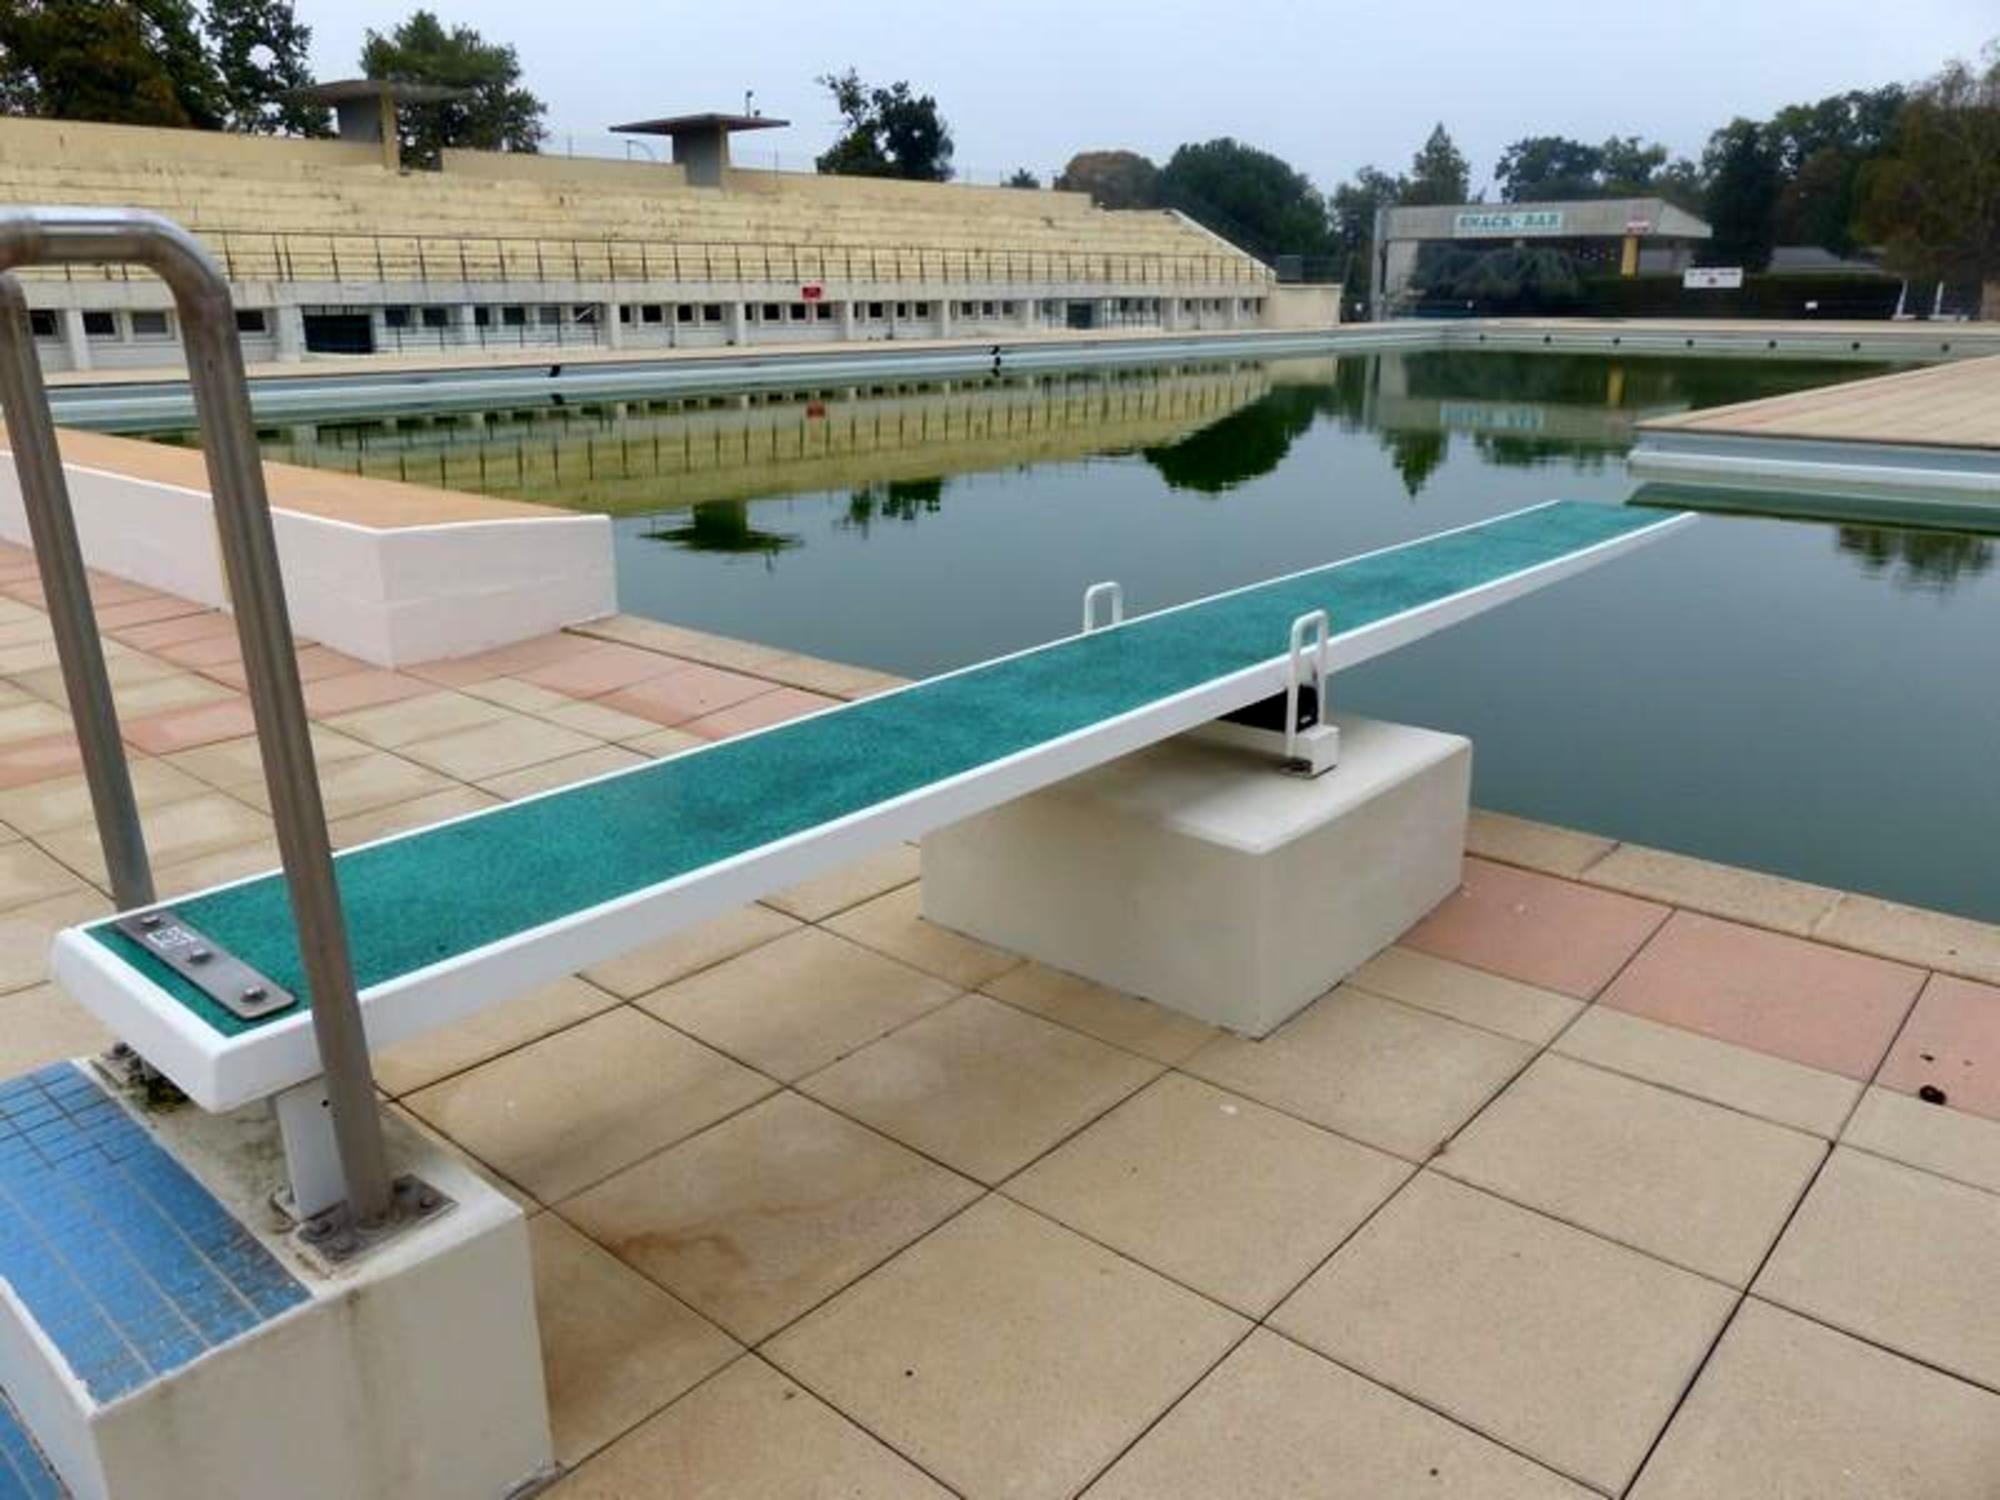 Plongeoir de piscine longeur m tres sport d for Piscine 50 metres